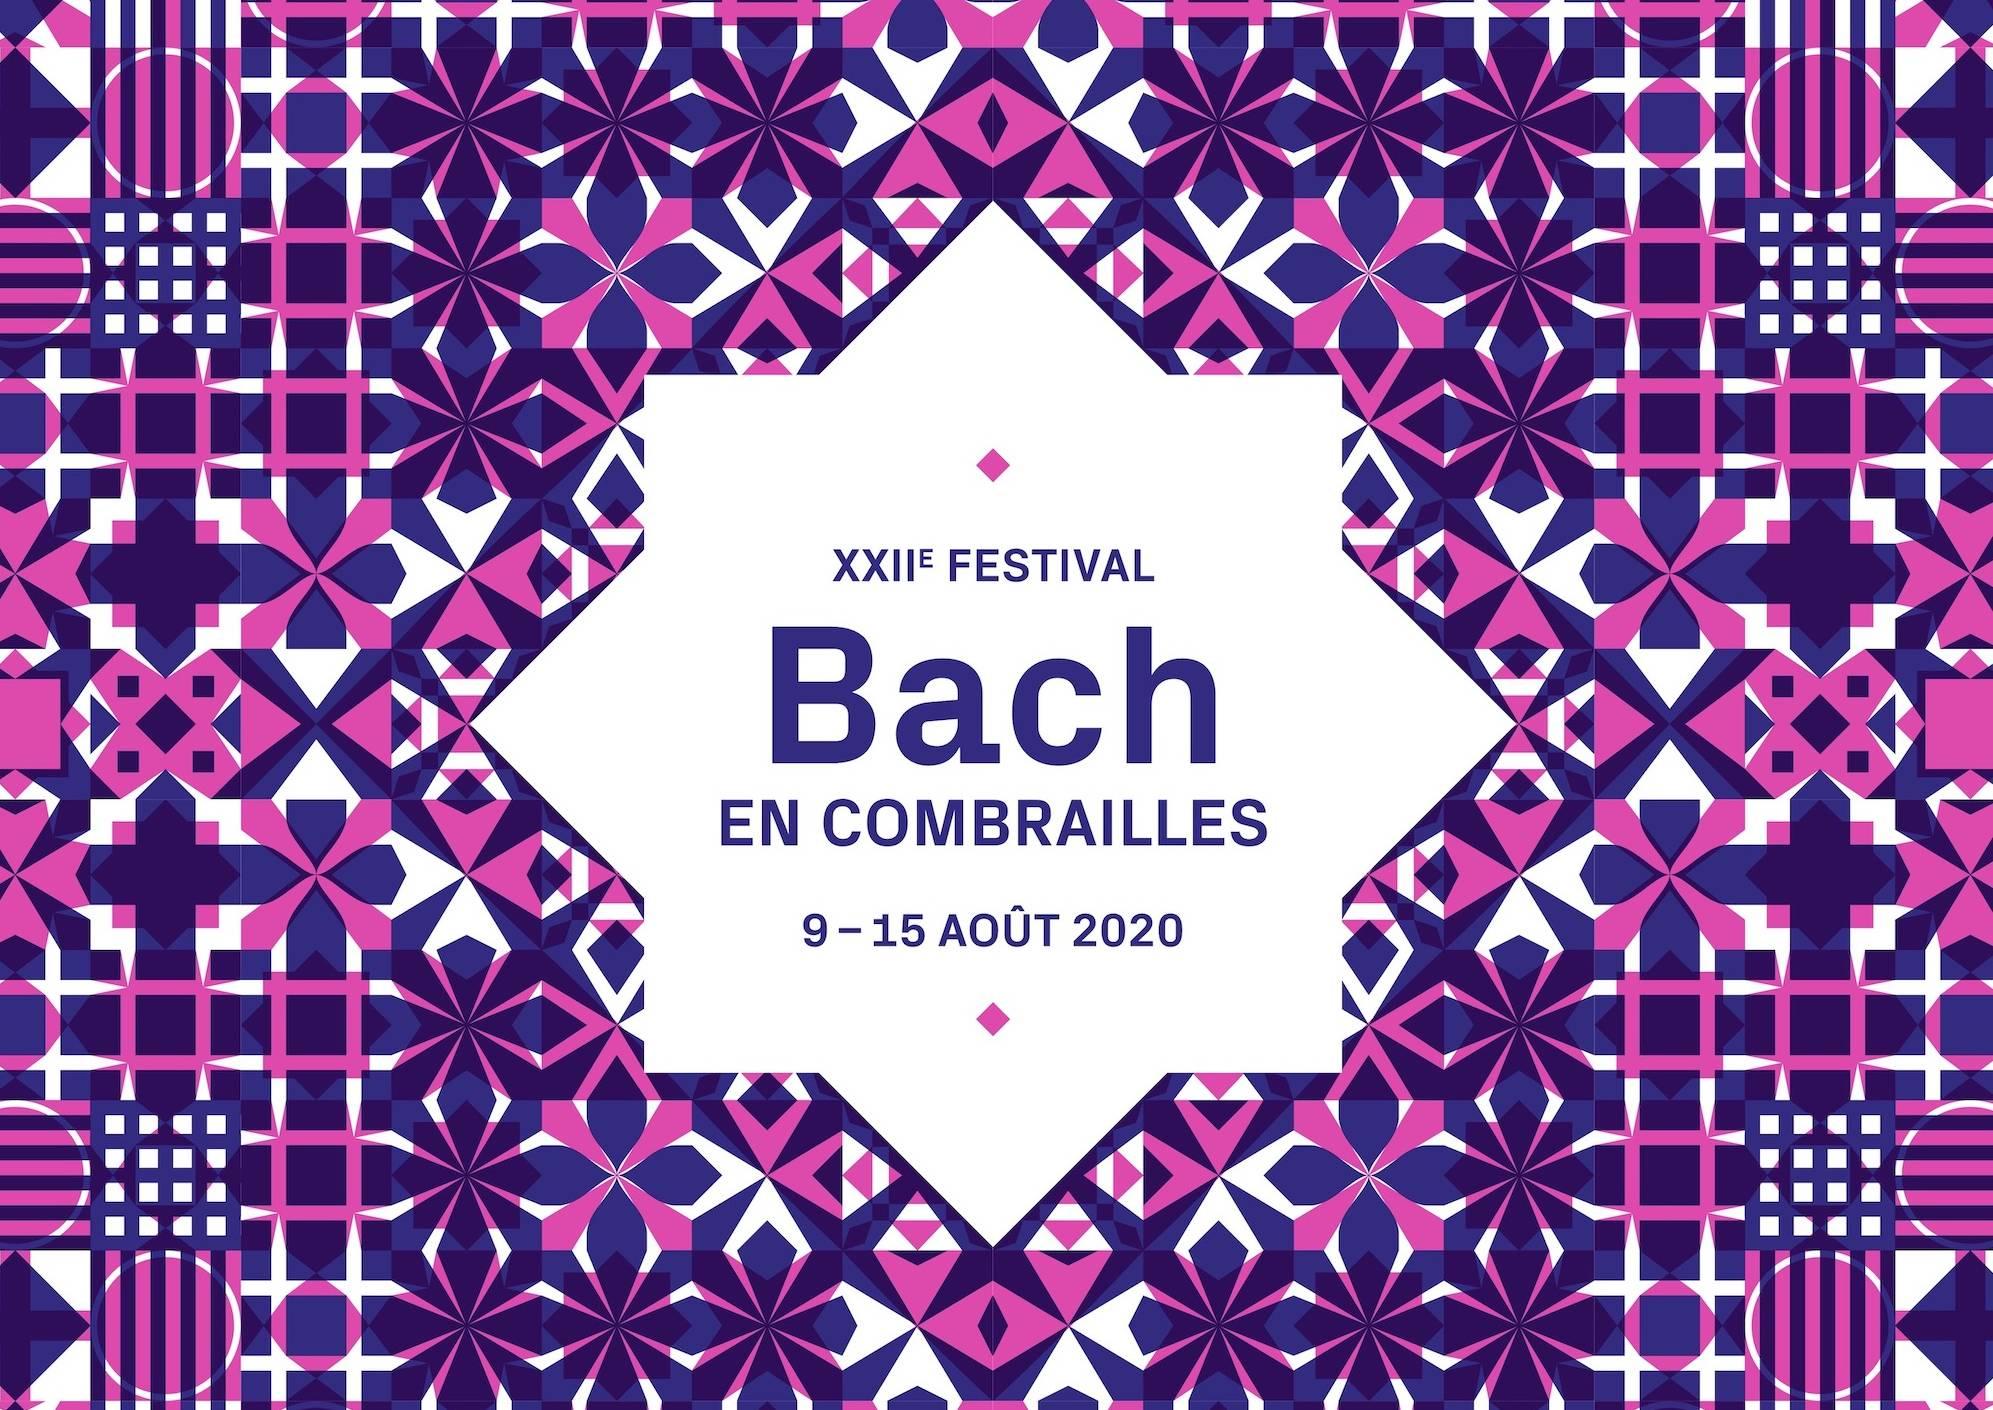 XXIIe Festival Bach en Combrailles